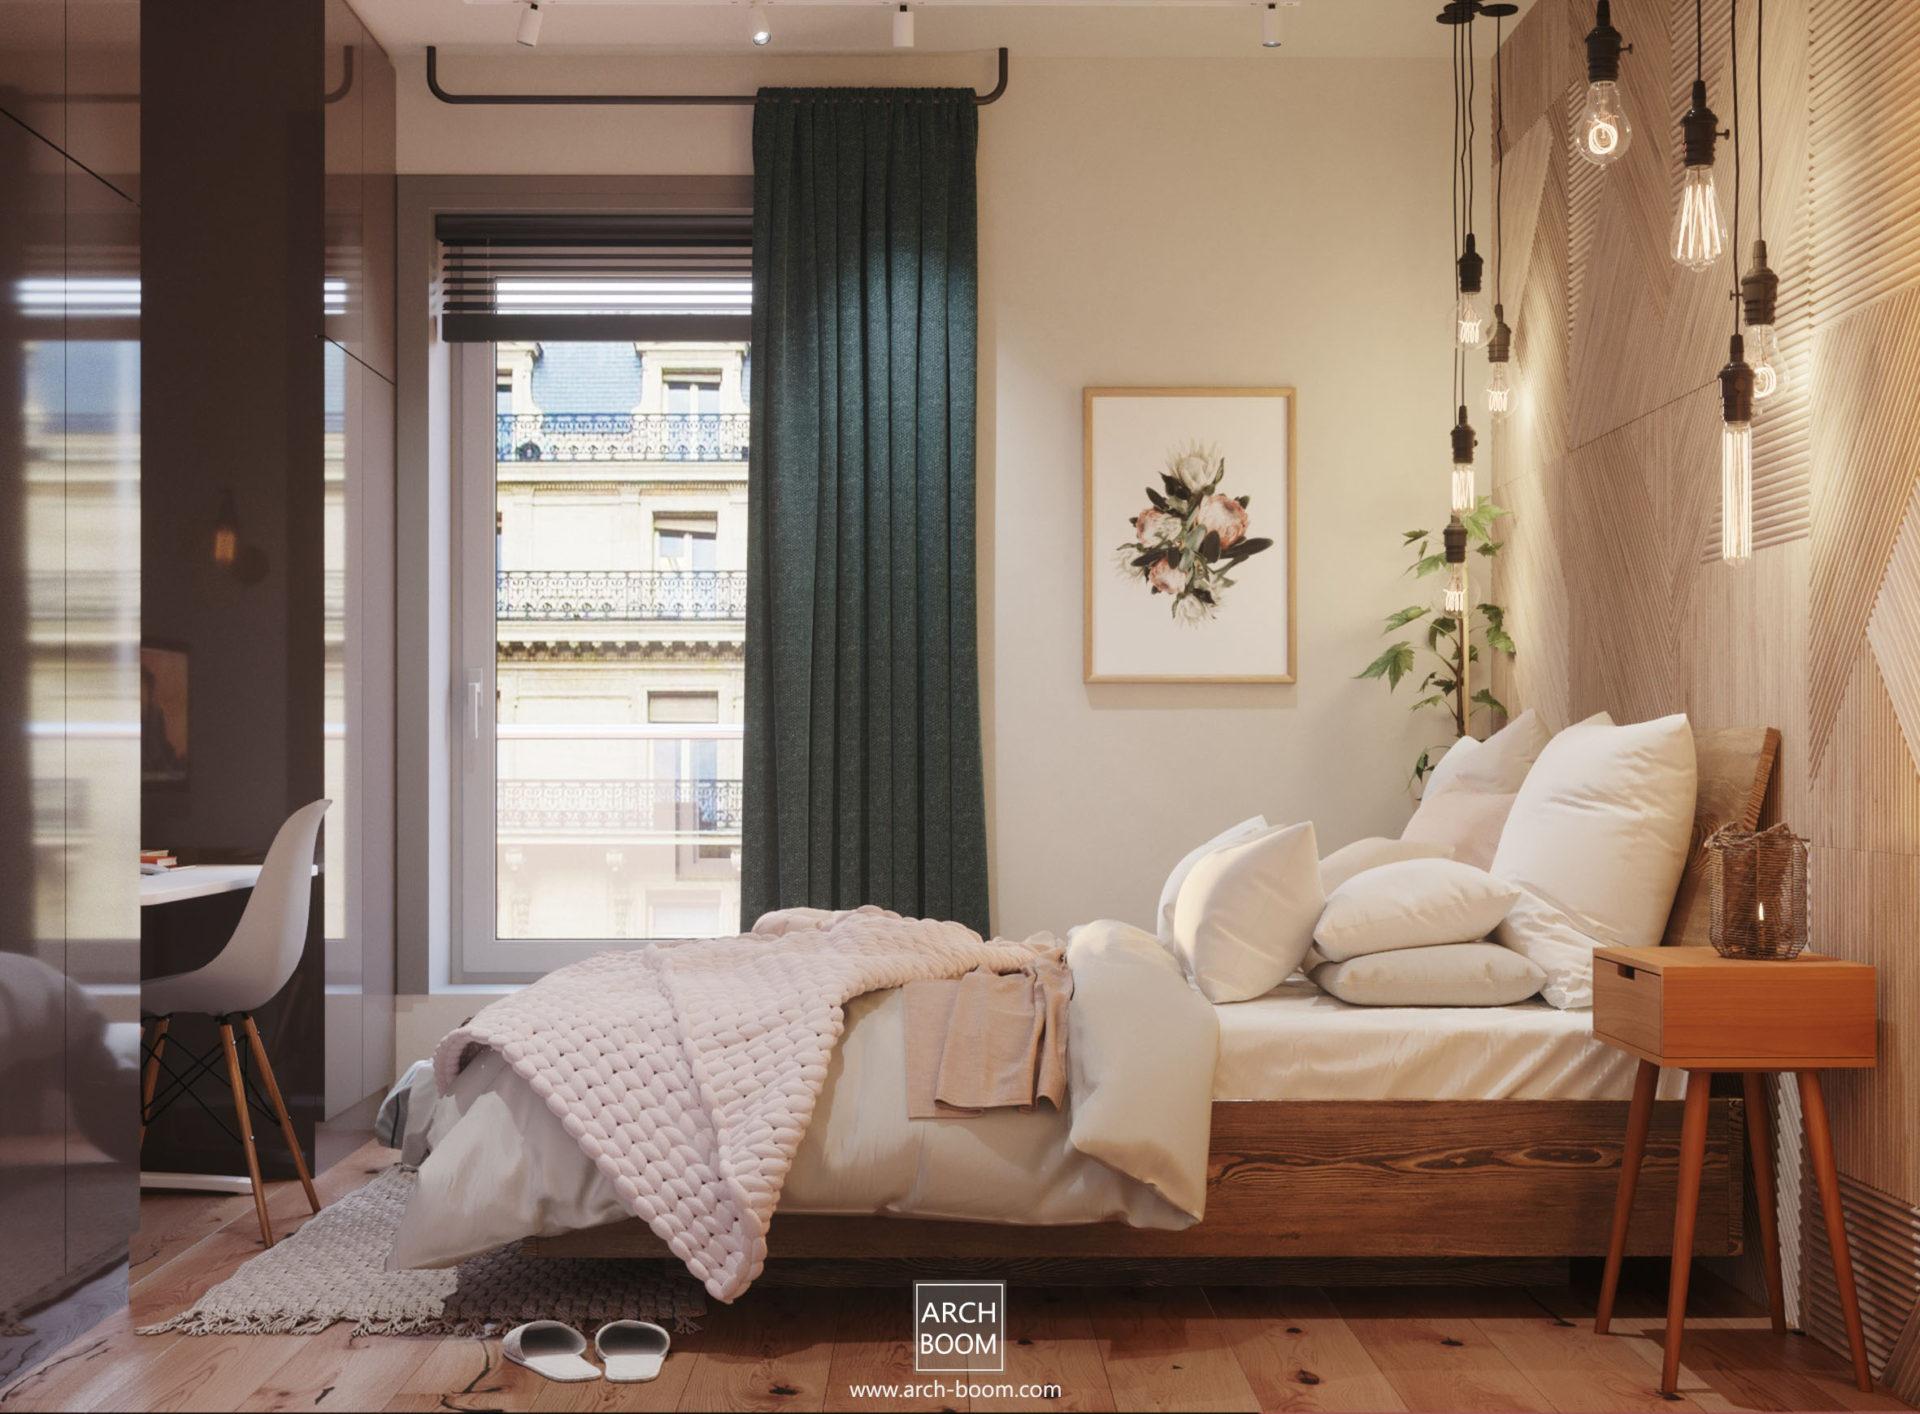 sypialnia dekorowana drewnem z dużym oknem i kolorową zasłoną